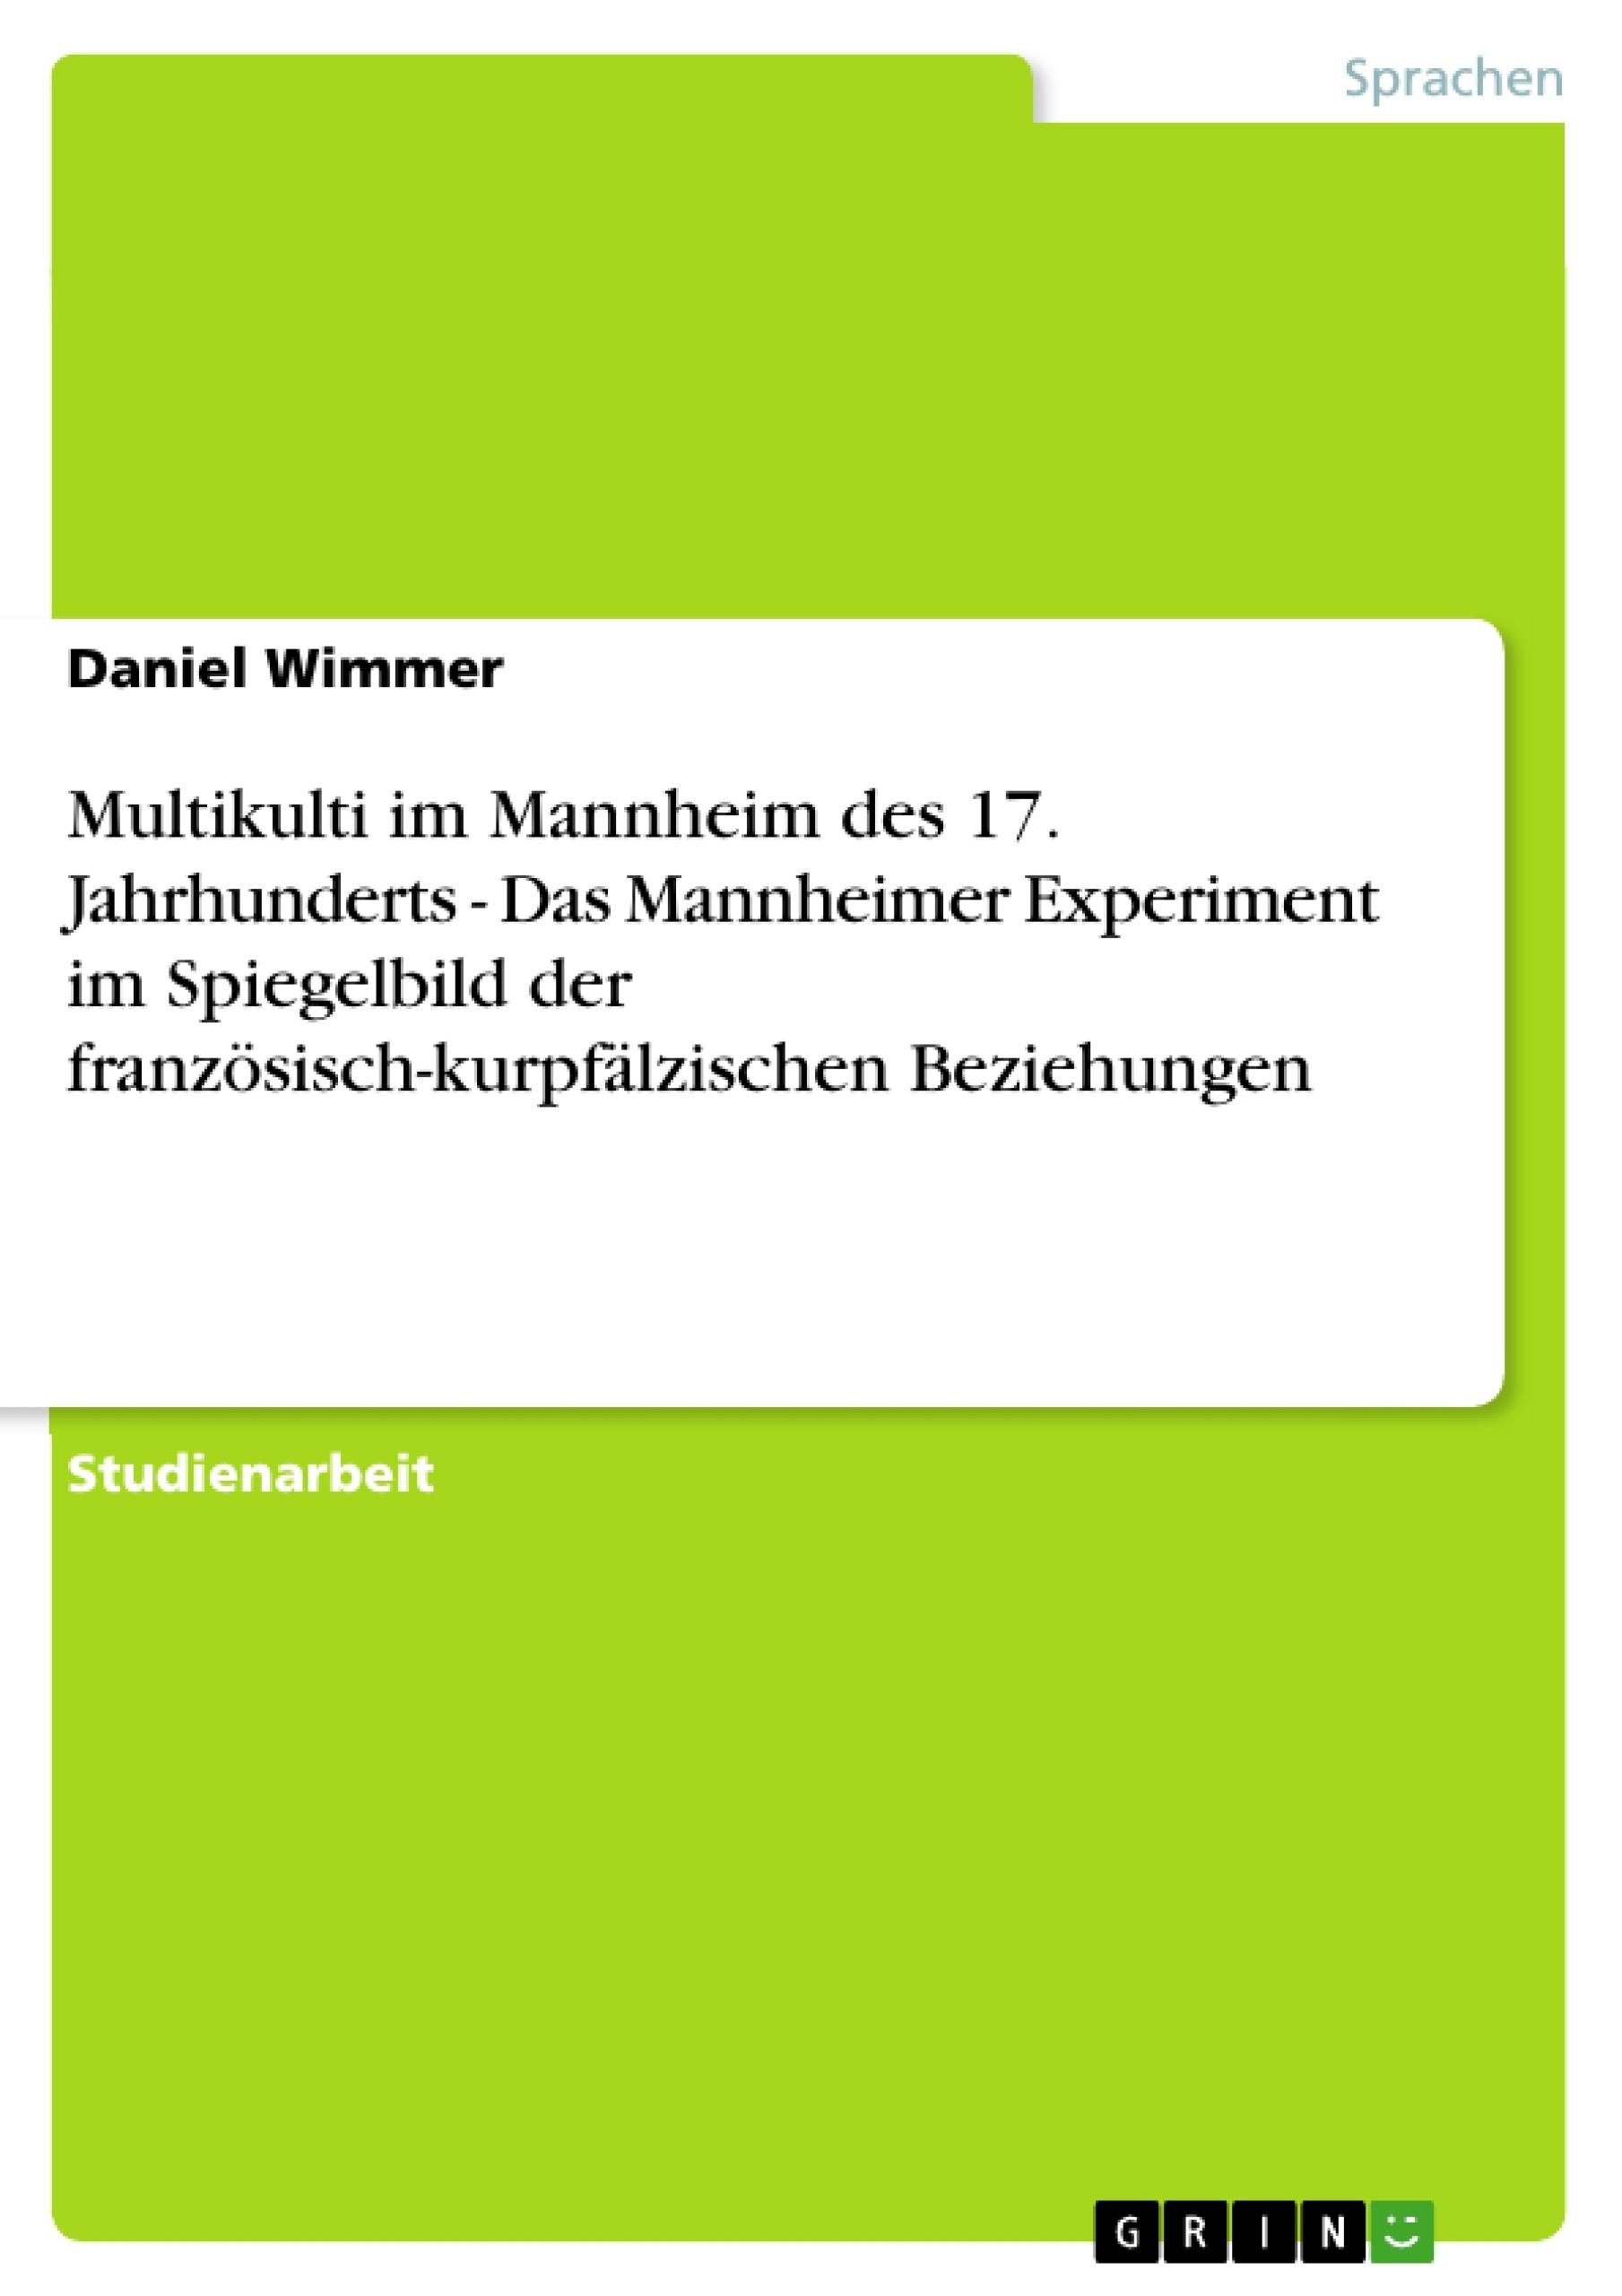 Titel: Multikulti im Mannheim des 17. Jahrhunderts - Das Mannheimer Experiment im Spiegelbild der französisch-kurpfälzischen Beziehungen